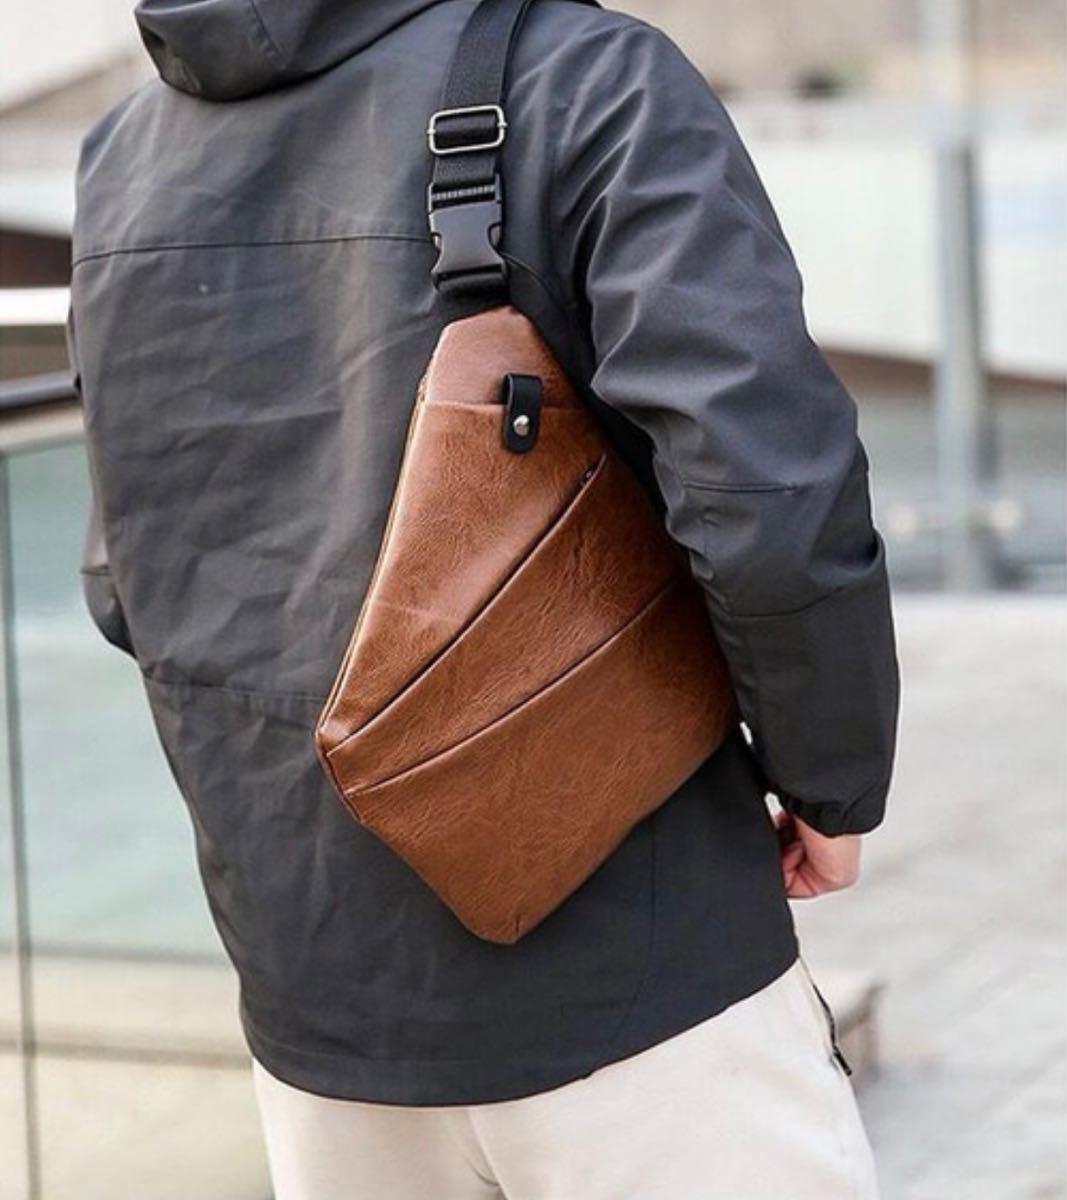 ボディバッグ 斜め掛け ショルダーバッグ ブラウン 小物 鞄 男女兼用 肩掛け 軽量 多機能